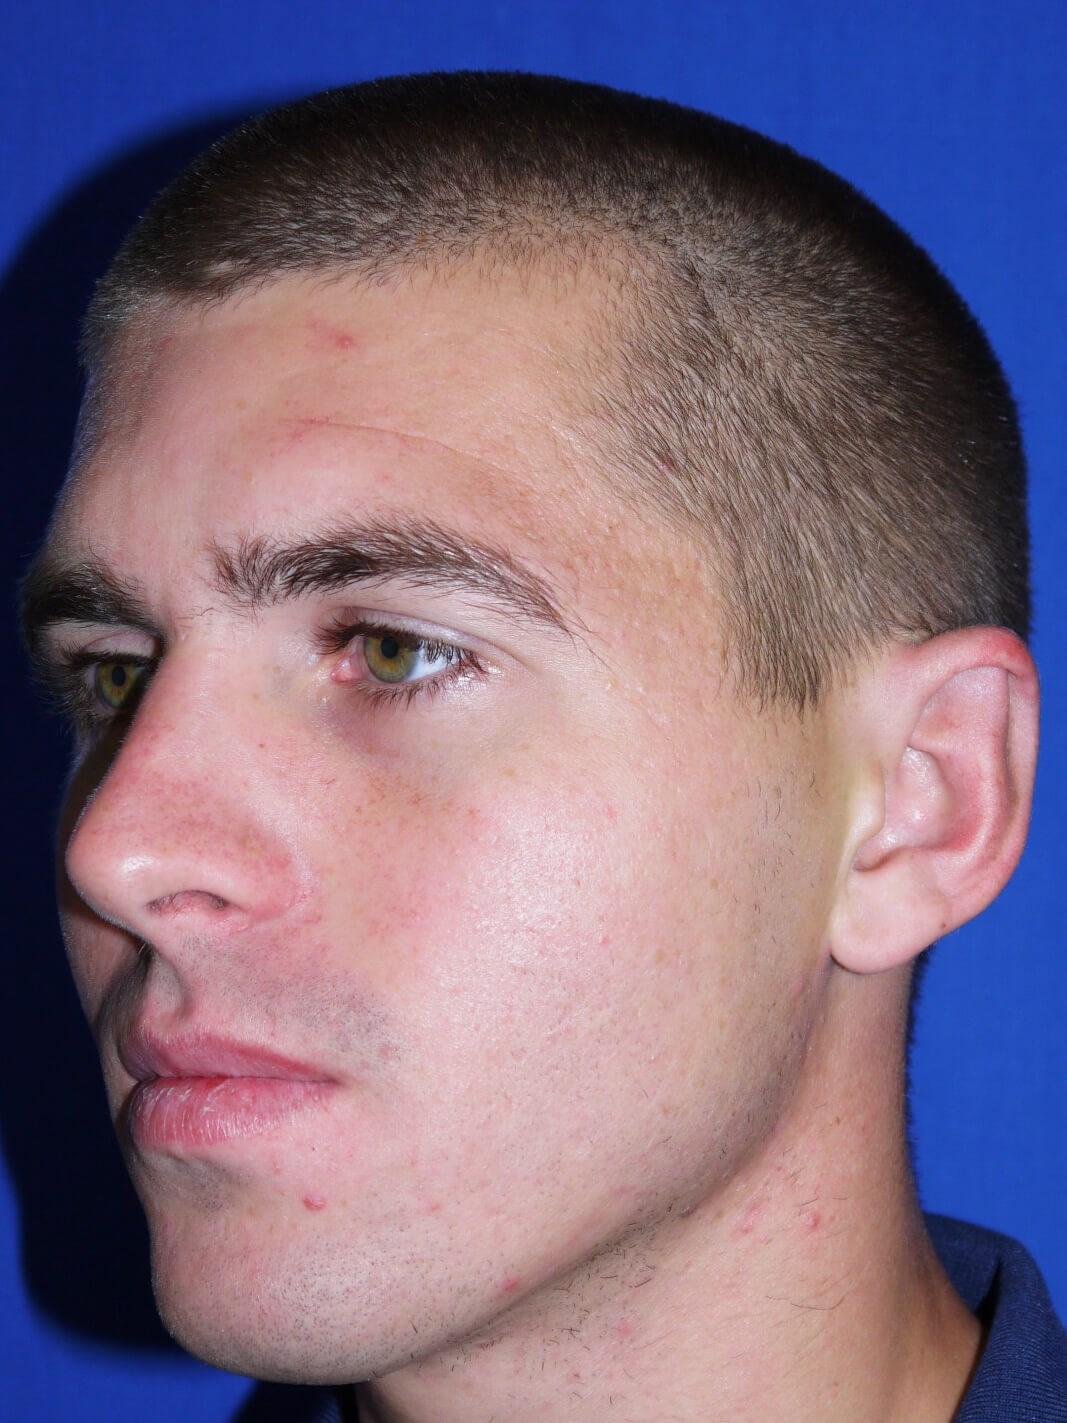 Ear Surgery After - Left Oblique View